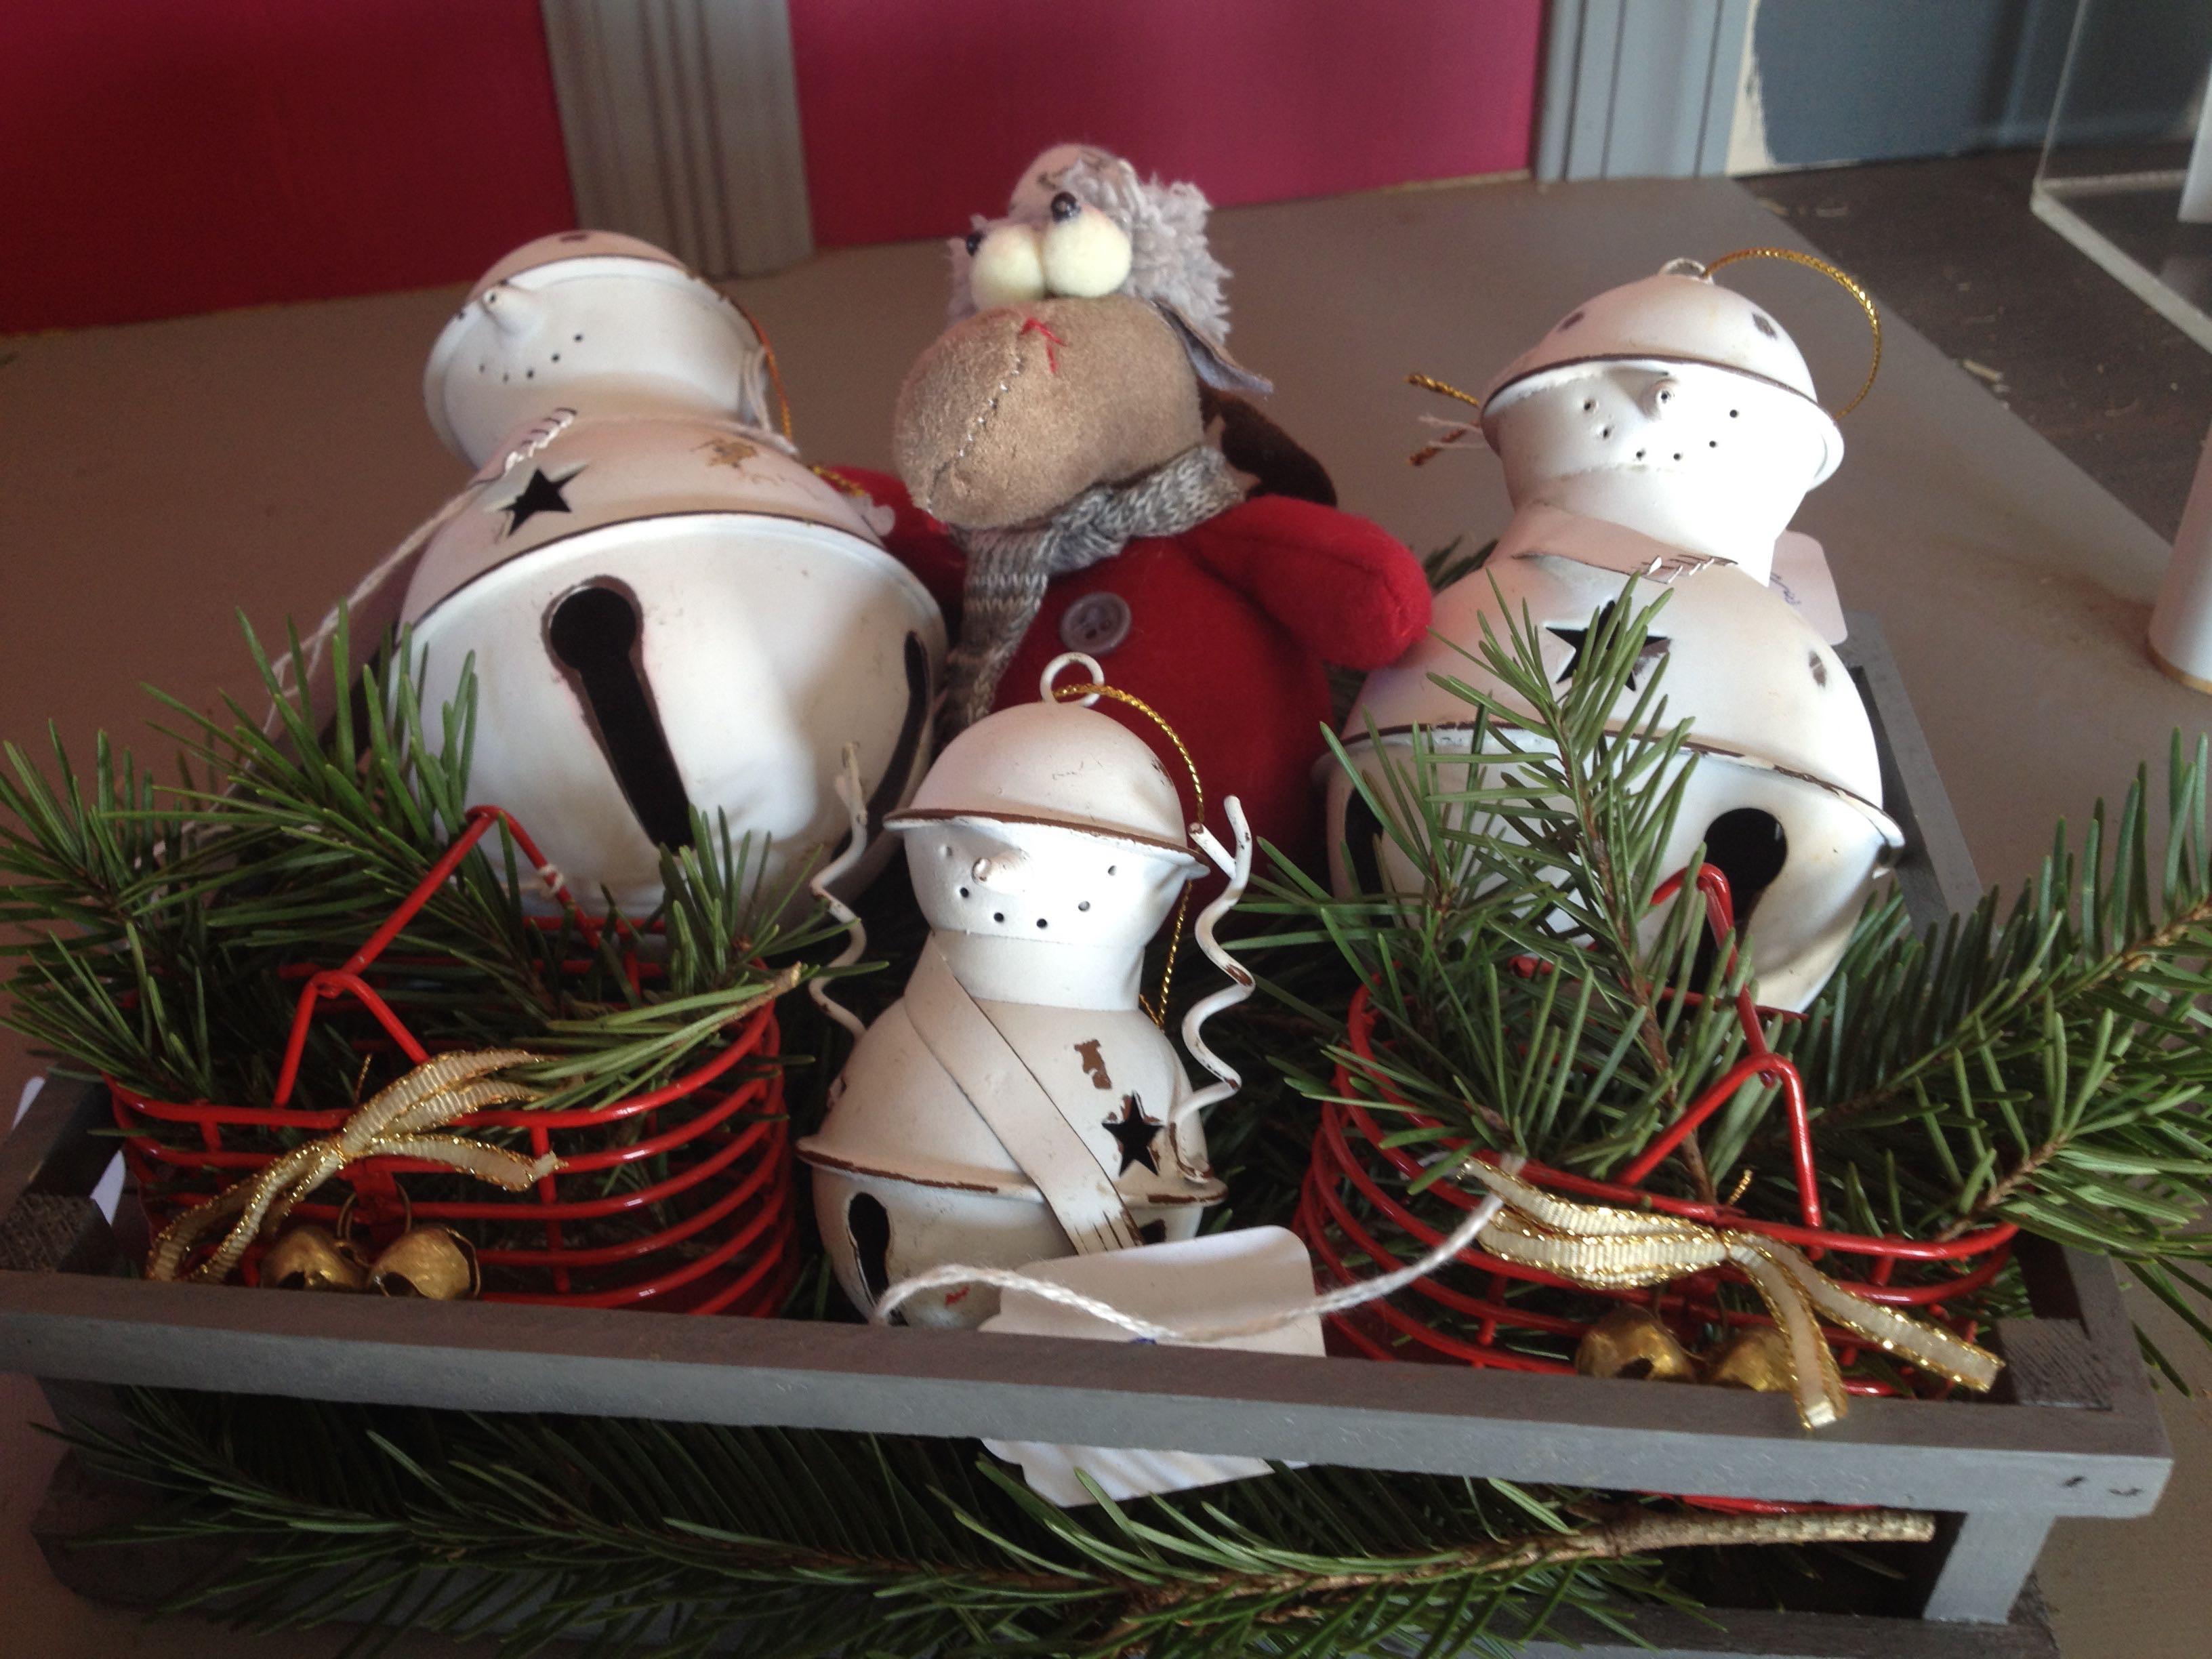 Snowman Bell Ornament